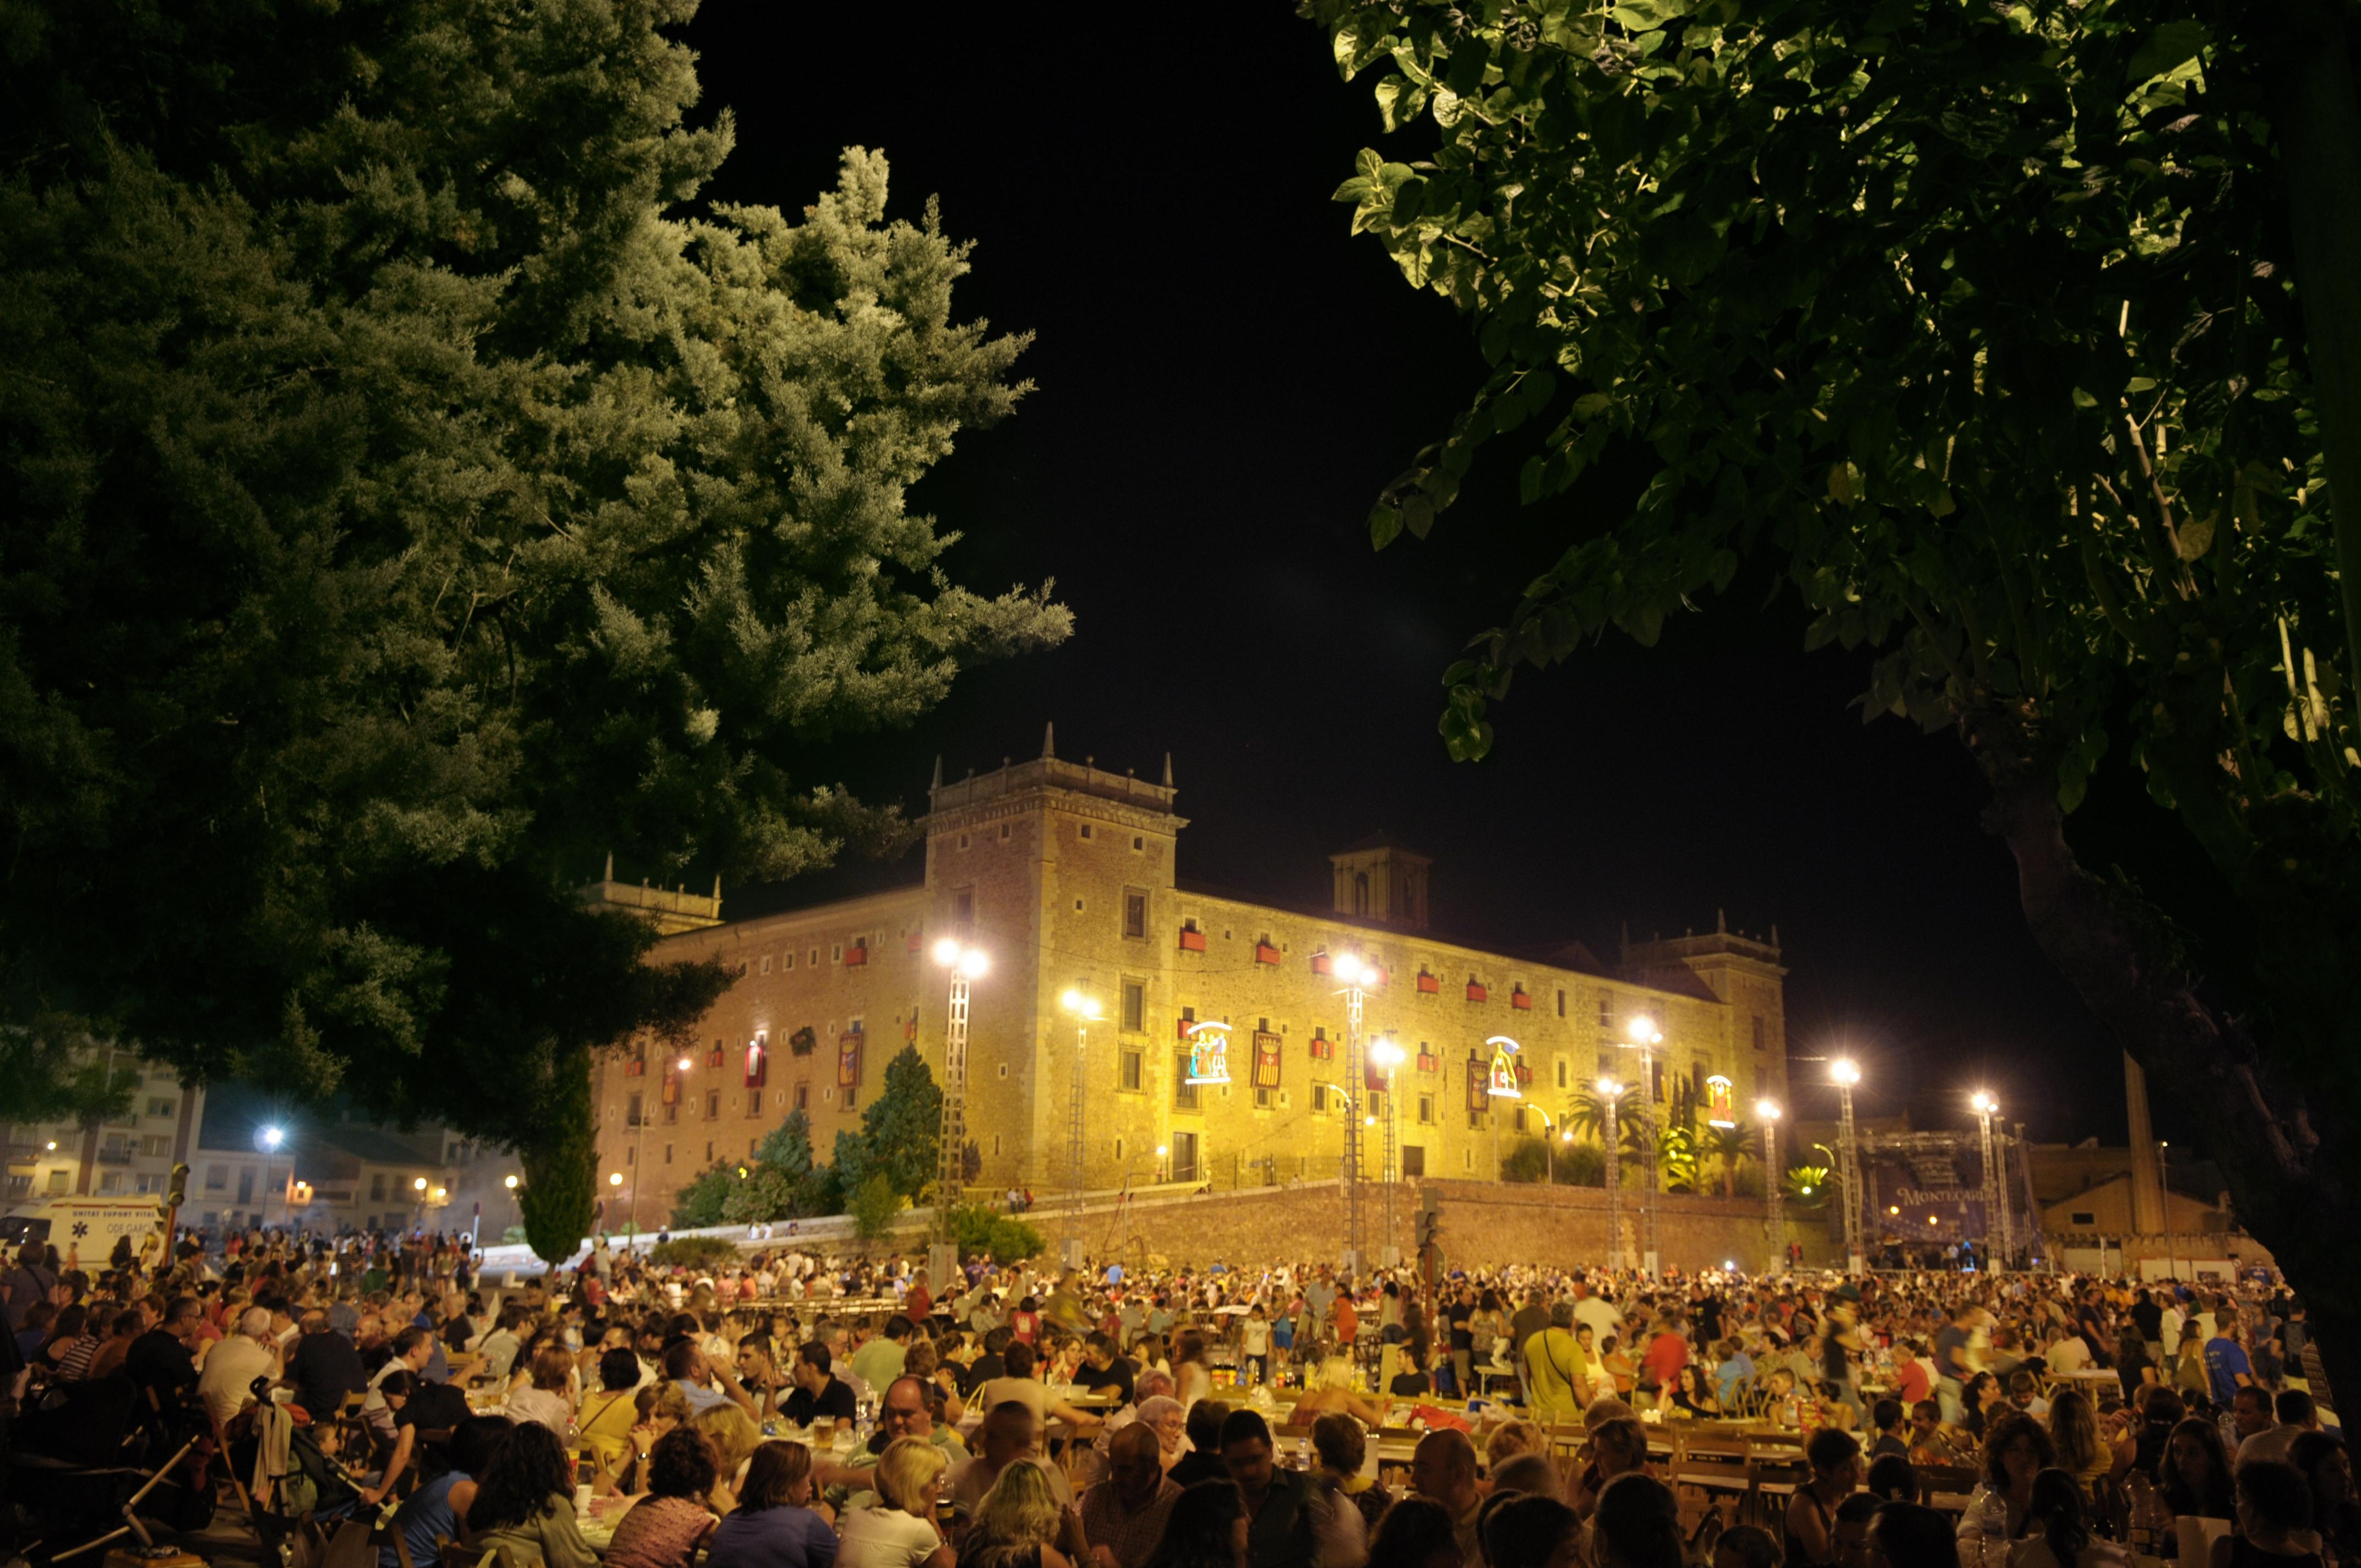 Fiestas de la Virgen del Puig de Santa Maria